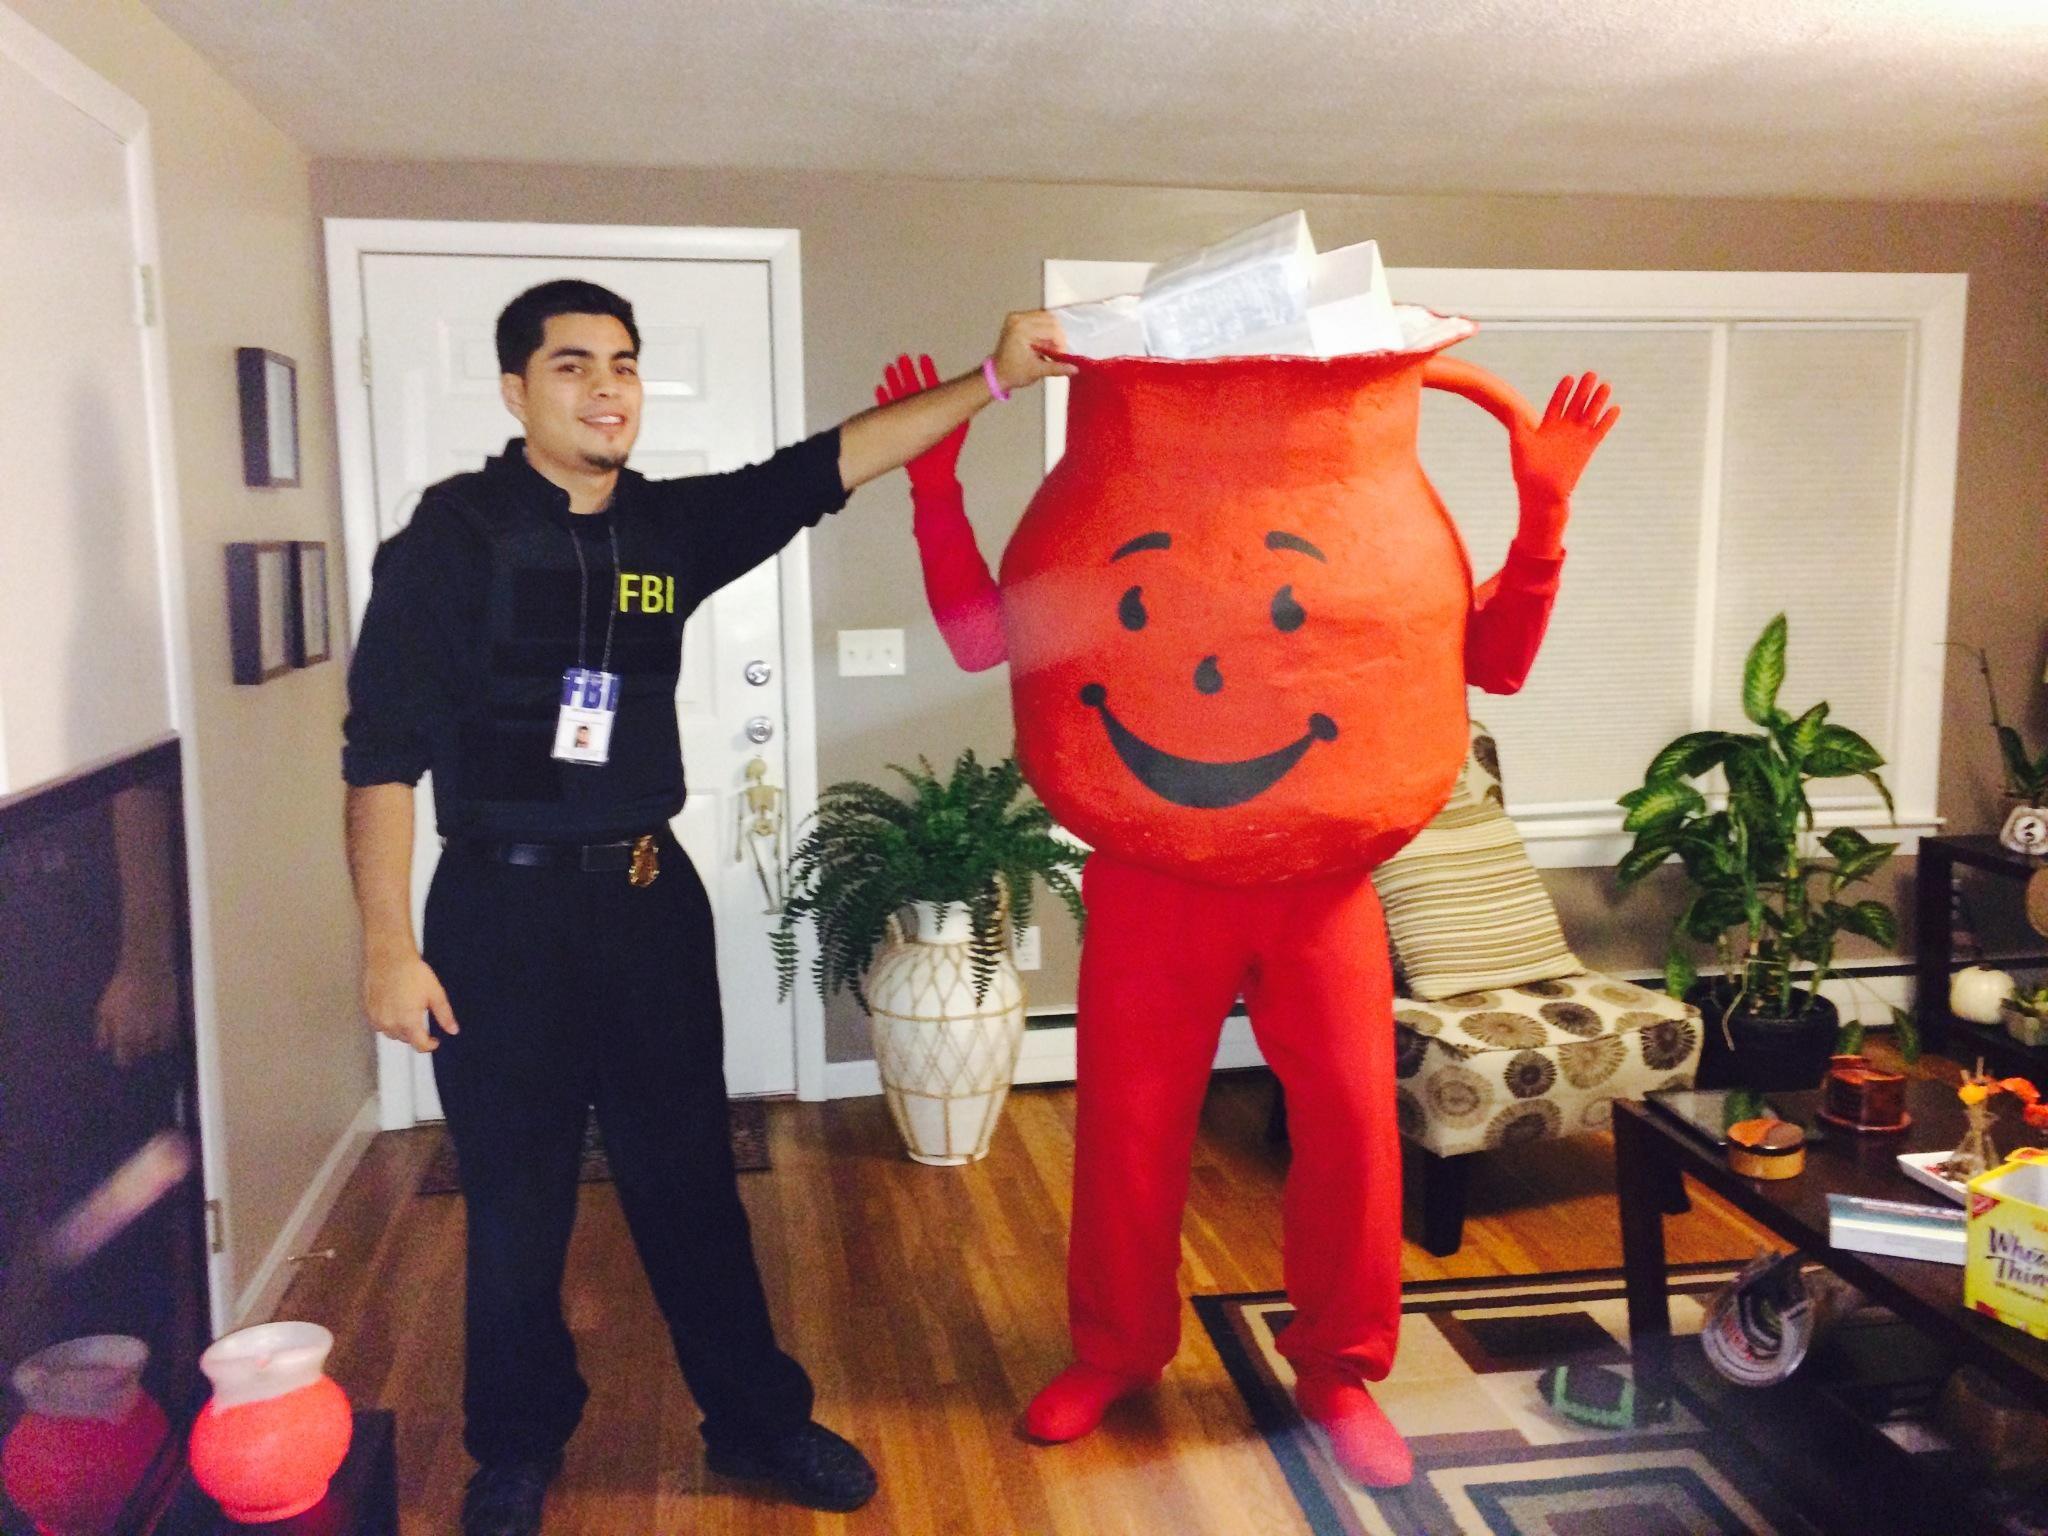 Kool Aid Man Caught Red Handed Kool Aid Man Costume Halloween Costume Contest Costume Contest